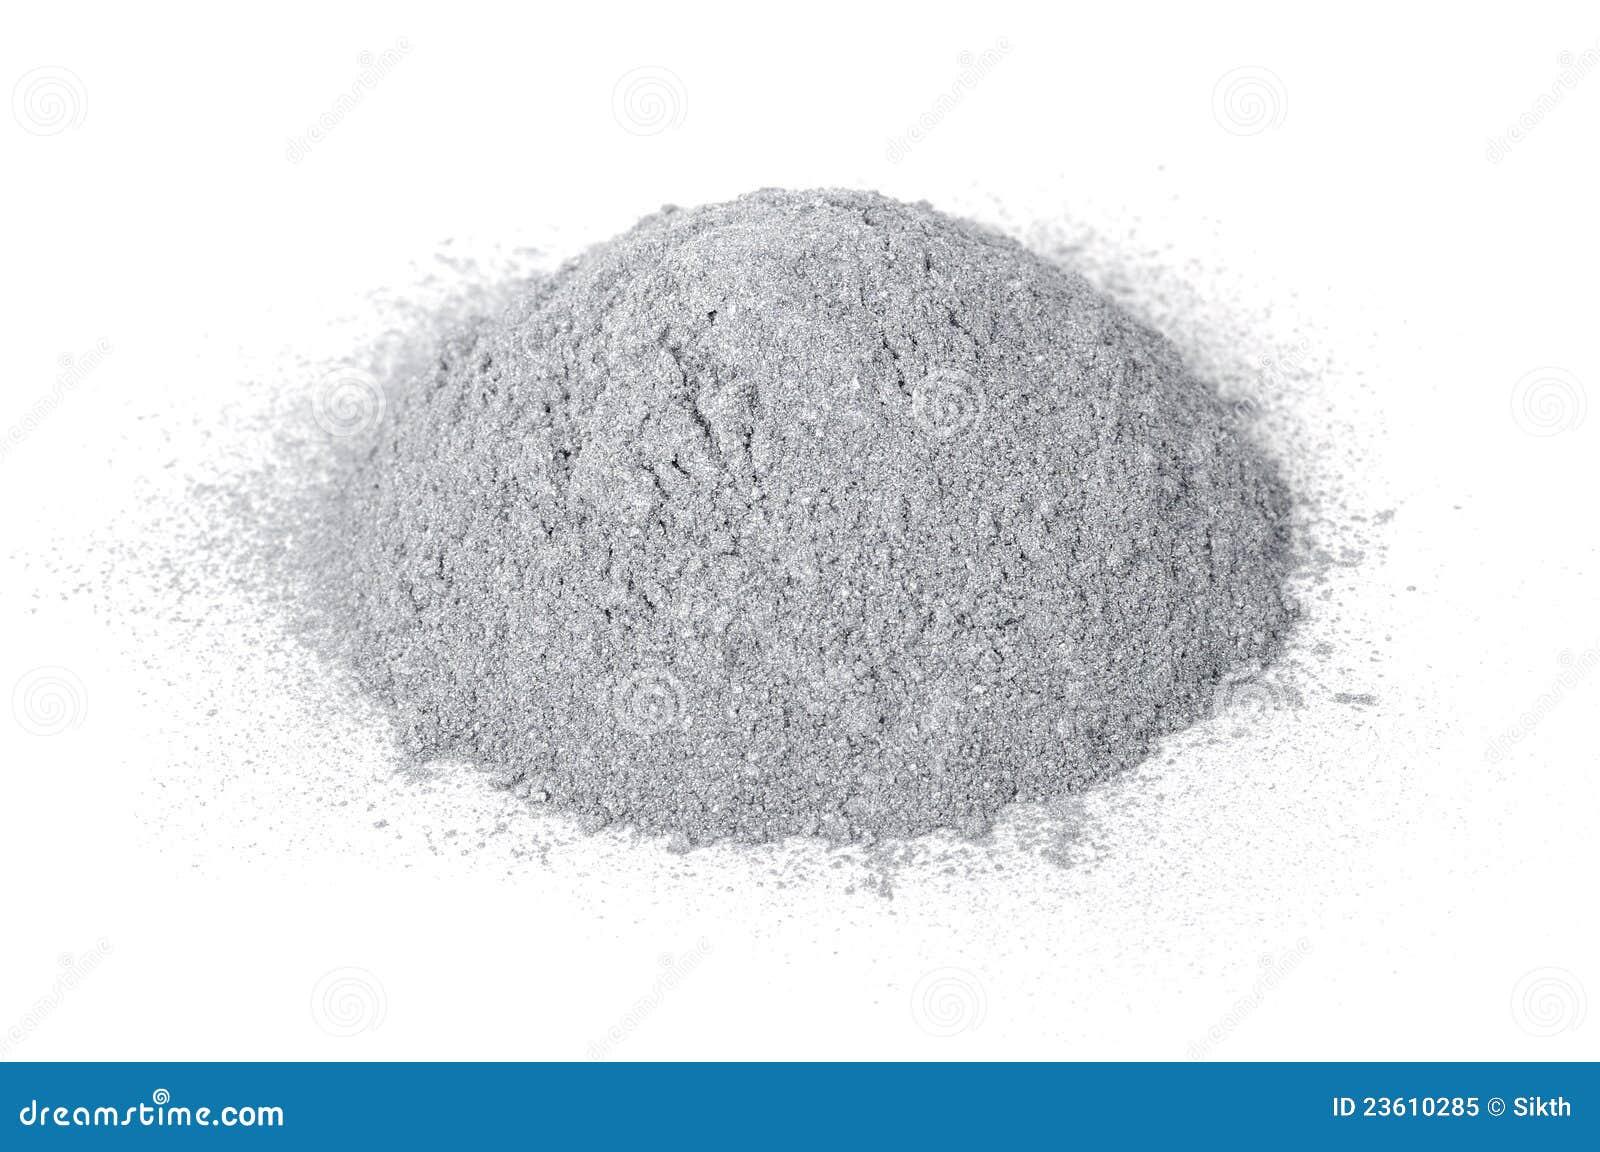 Aluminum Powder Royalty Free Stock Photo Image 23610285